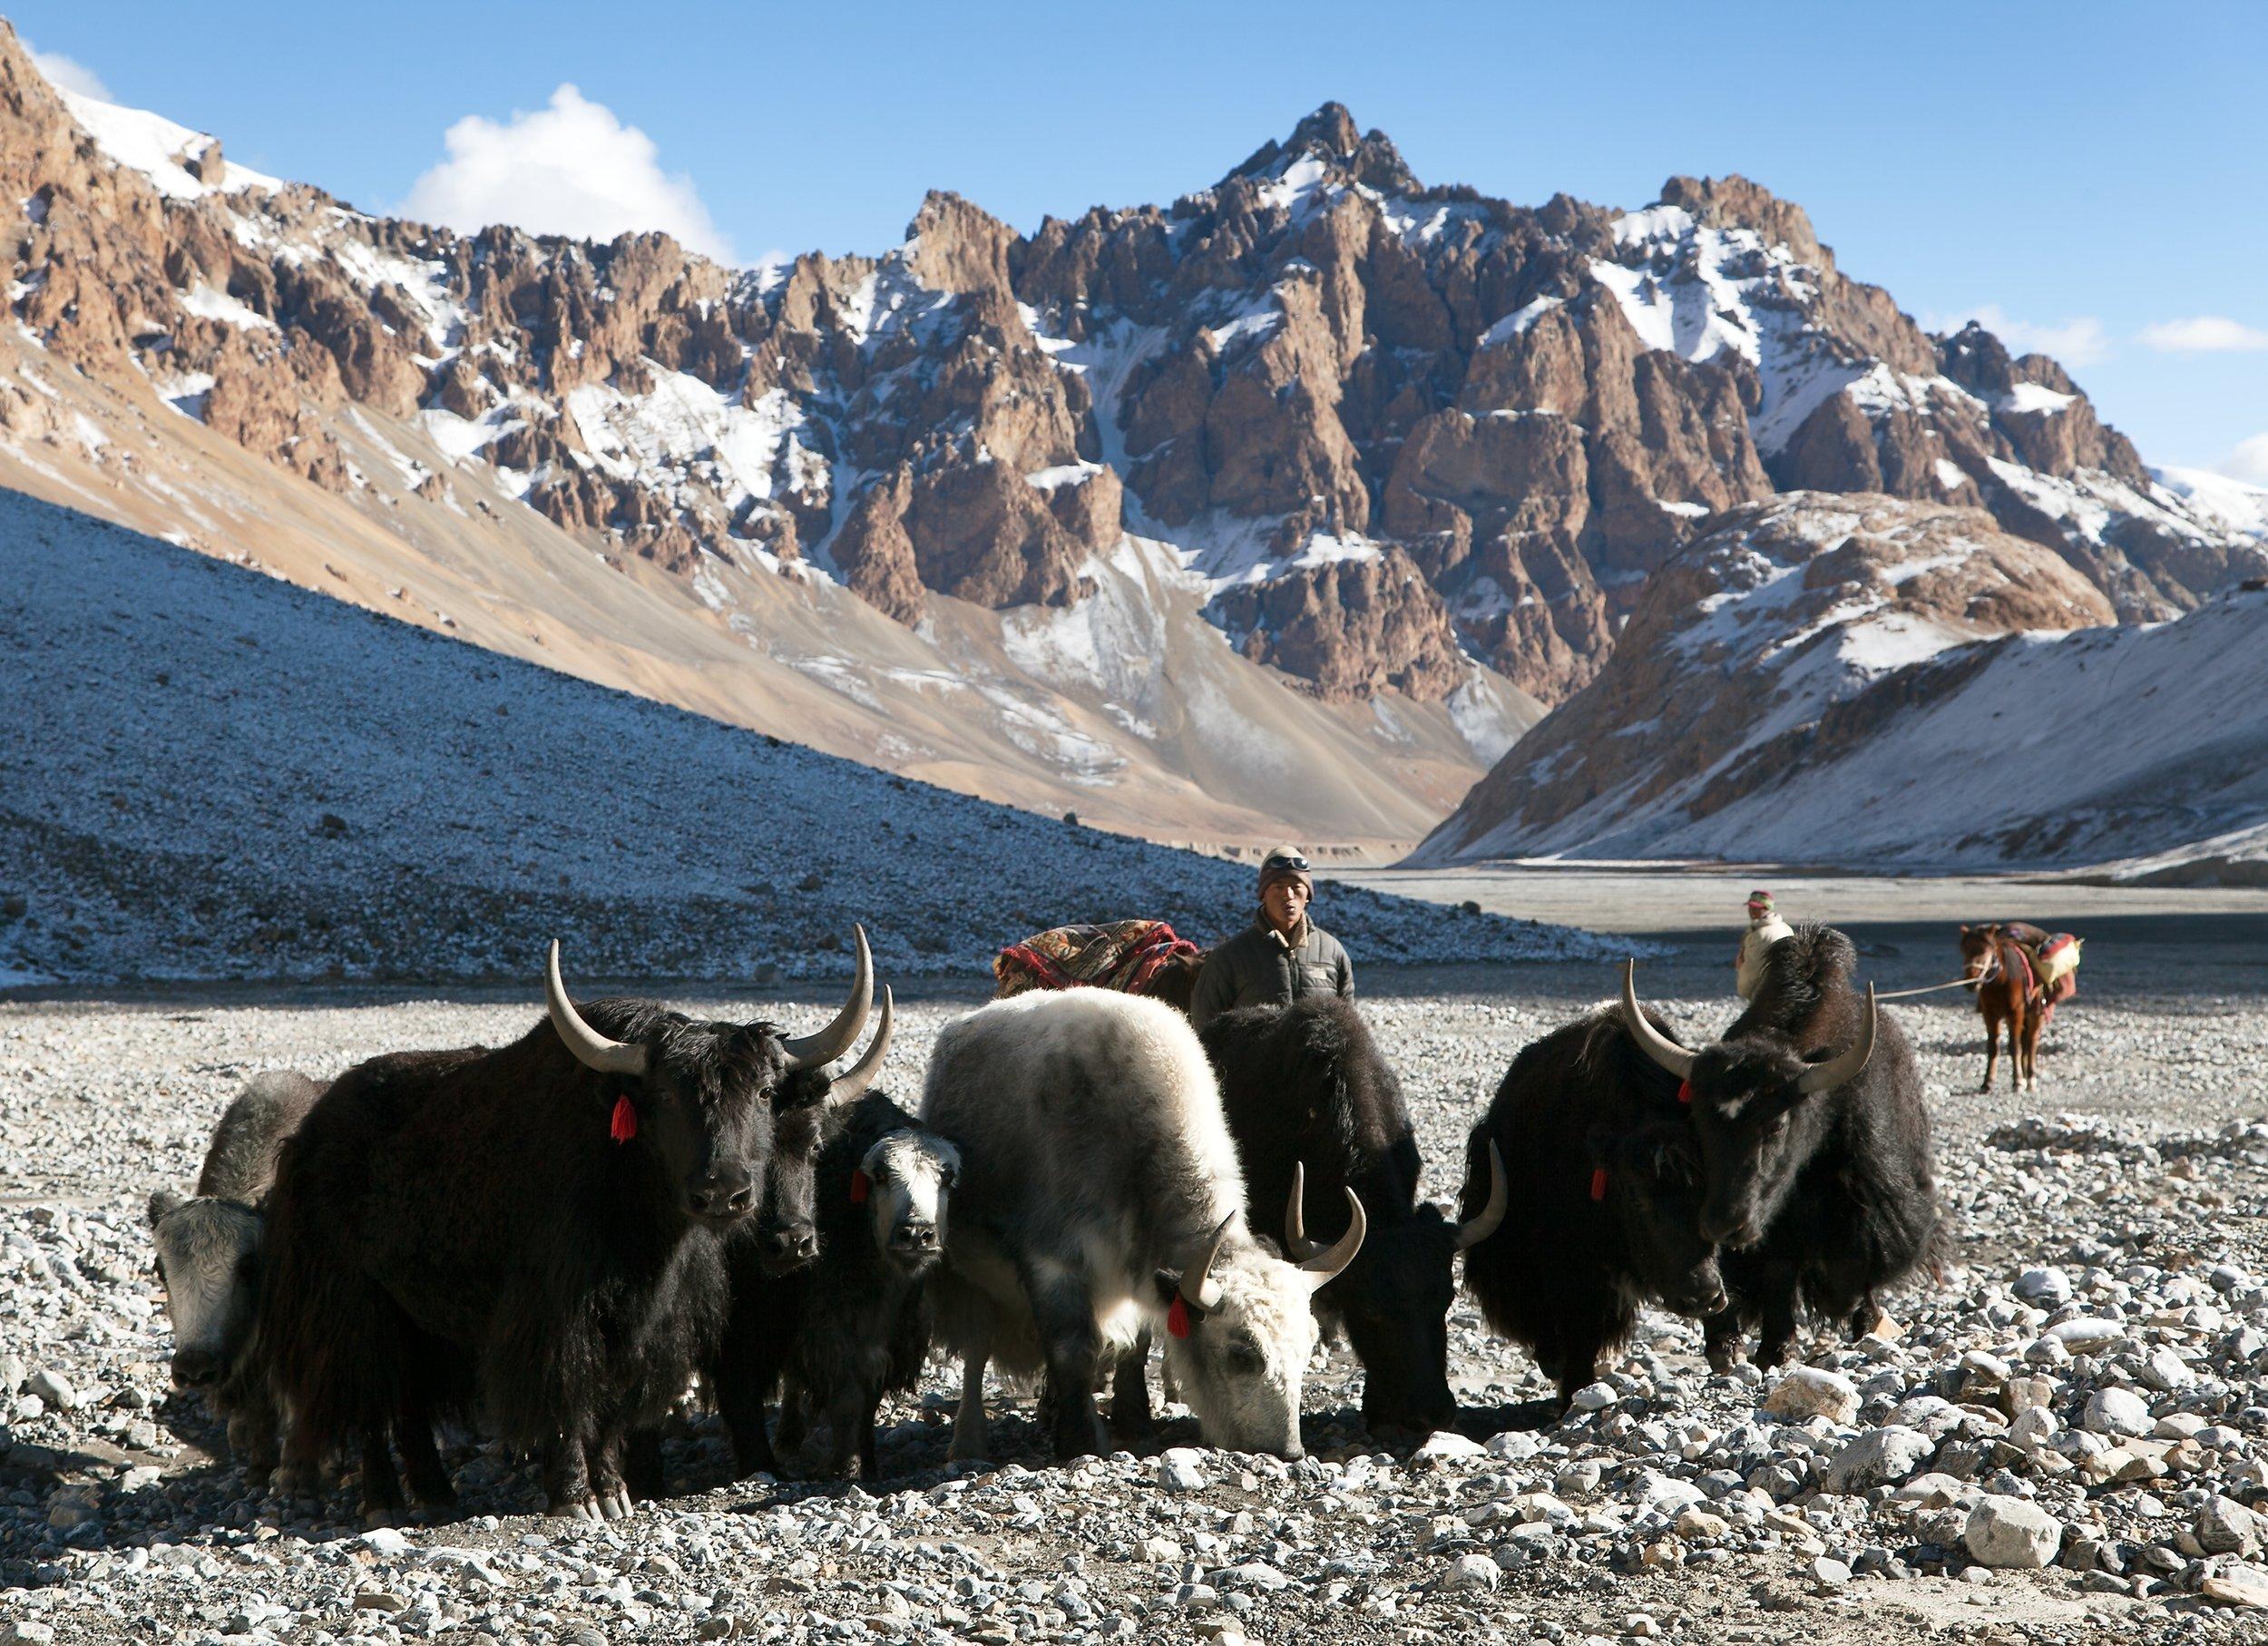 Yak in Ladakh, India